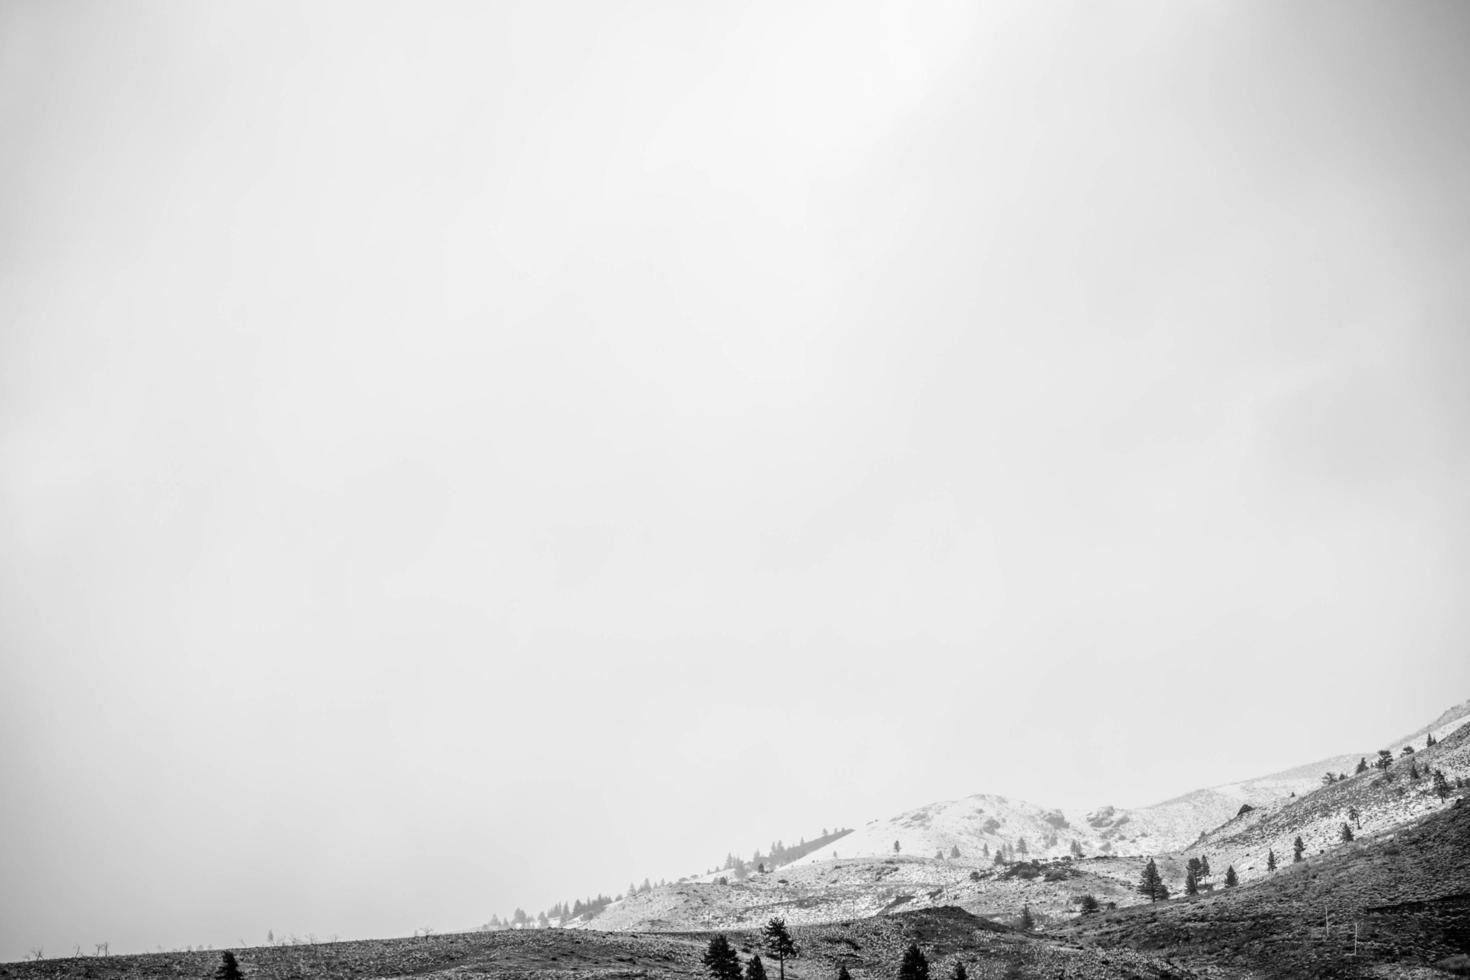 photo en niveaux de gris de la montagne et du ciel nuageux